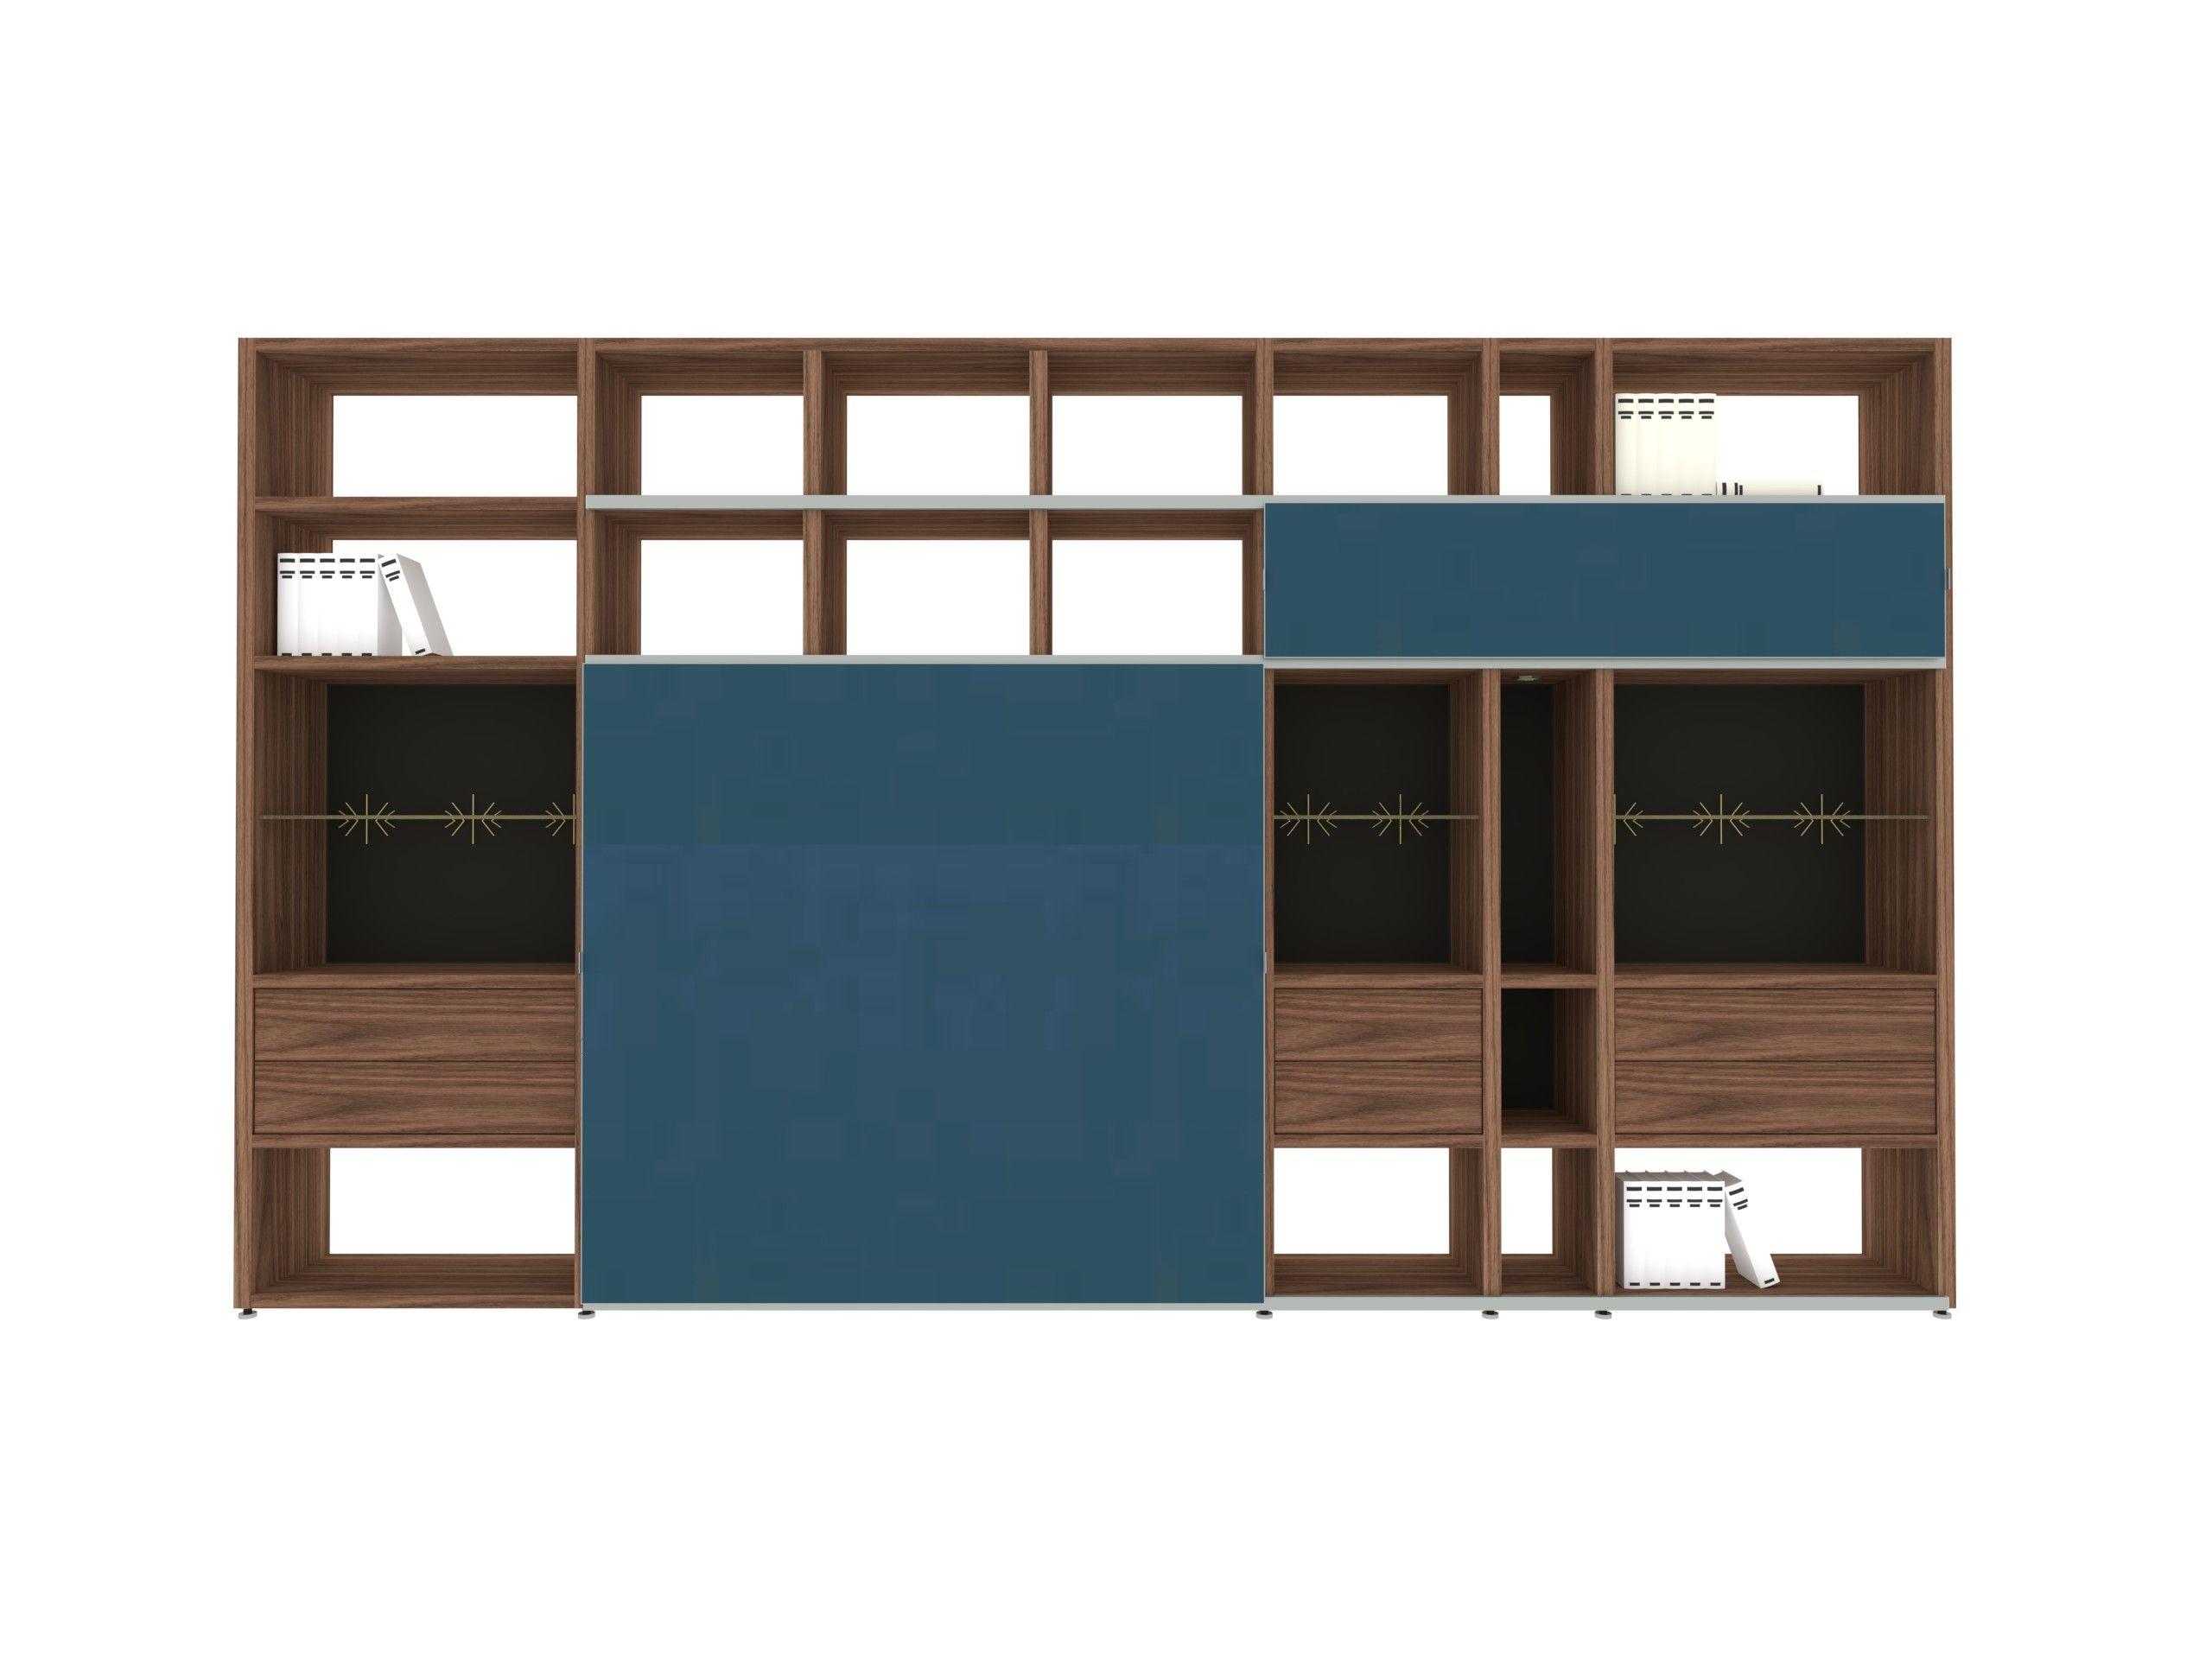 Wohnwand Mega Design Holz Nussbaum Schiebetür Glas – Hülsta ...